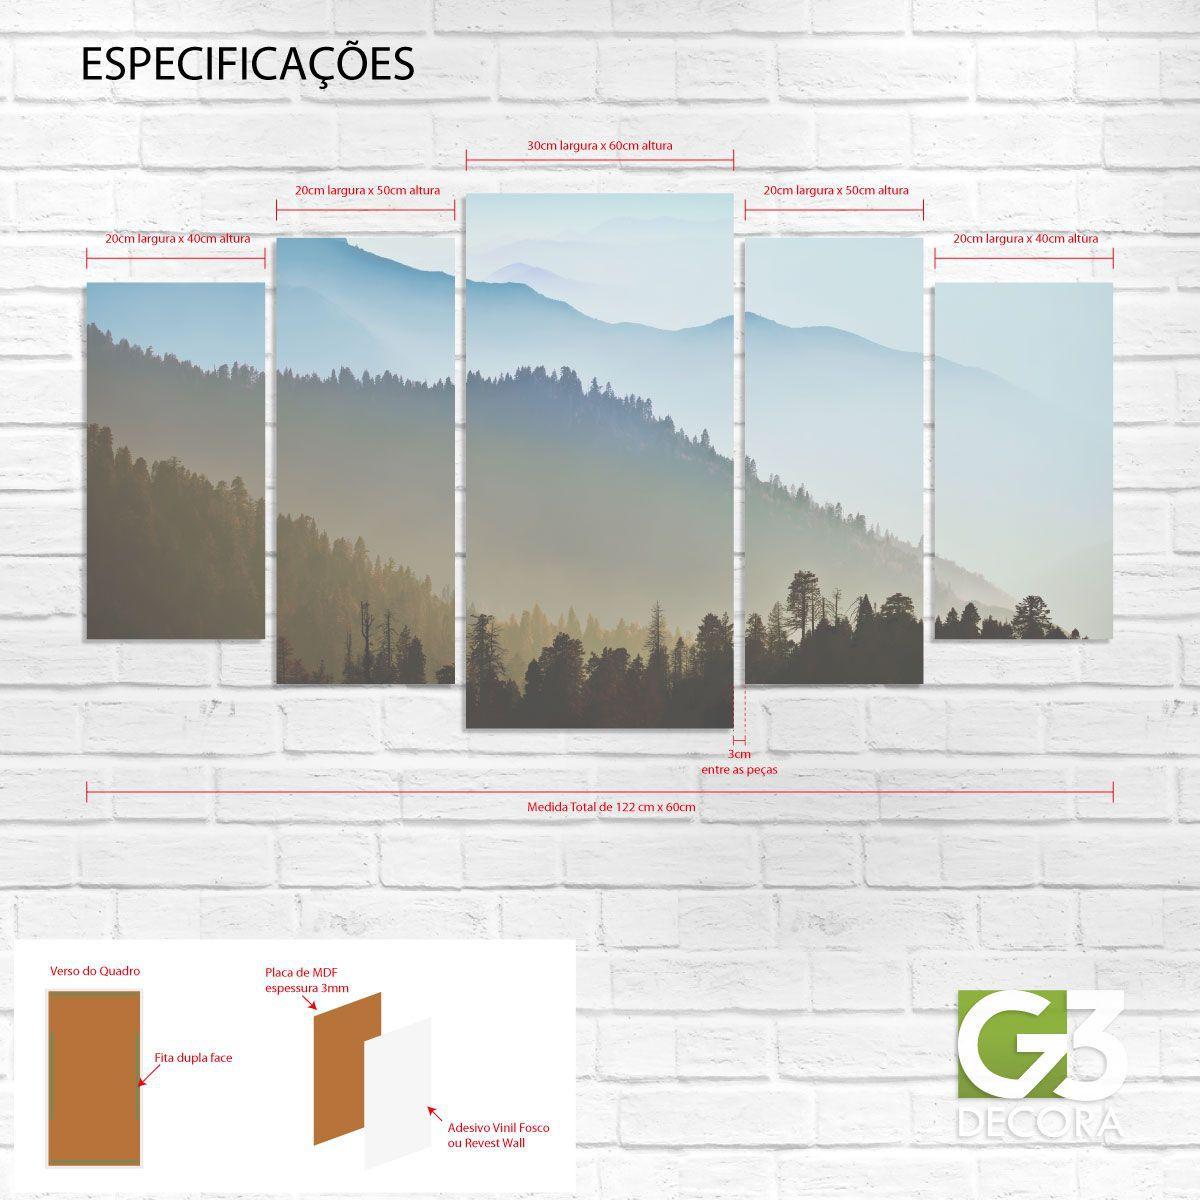 Quadro Decorativo – QD001  - Papel de parede - G3decora